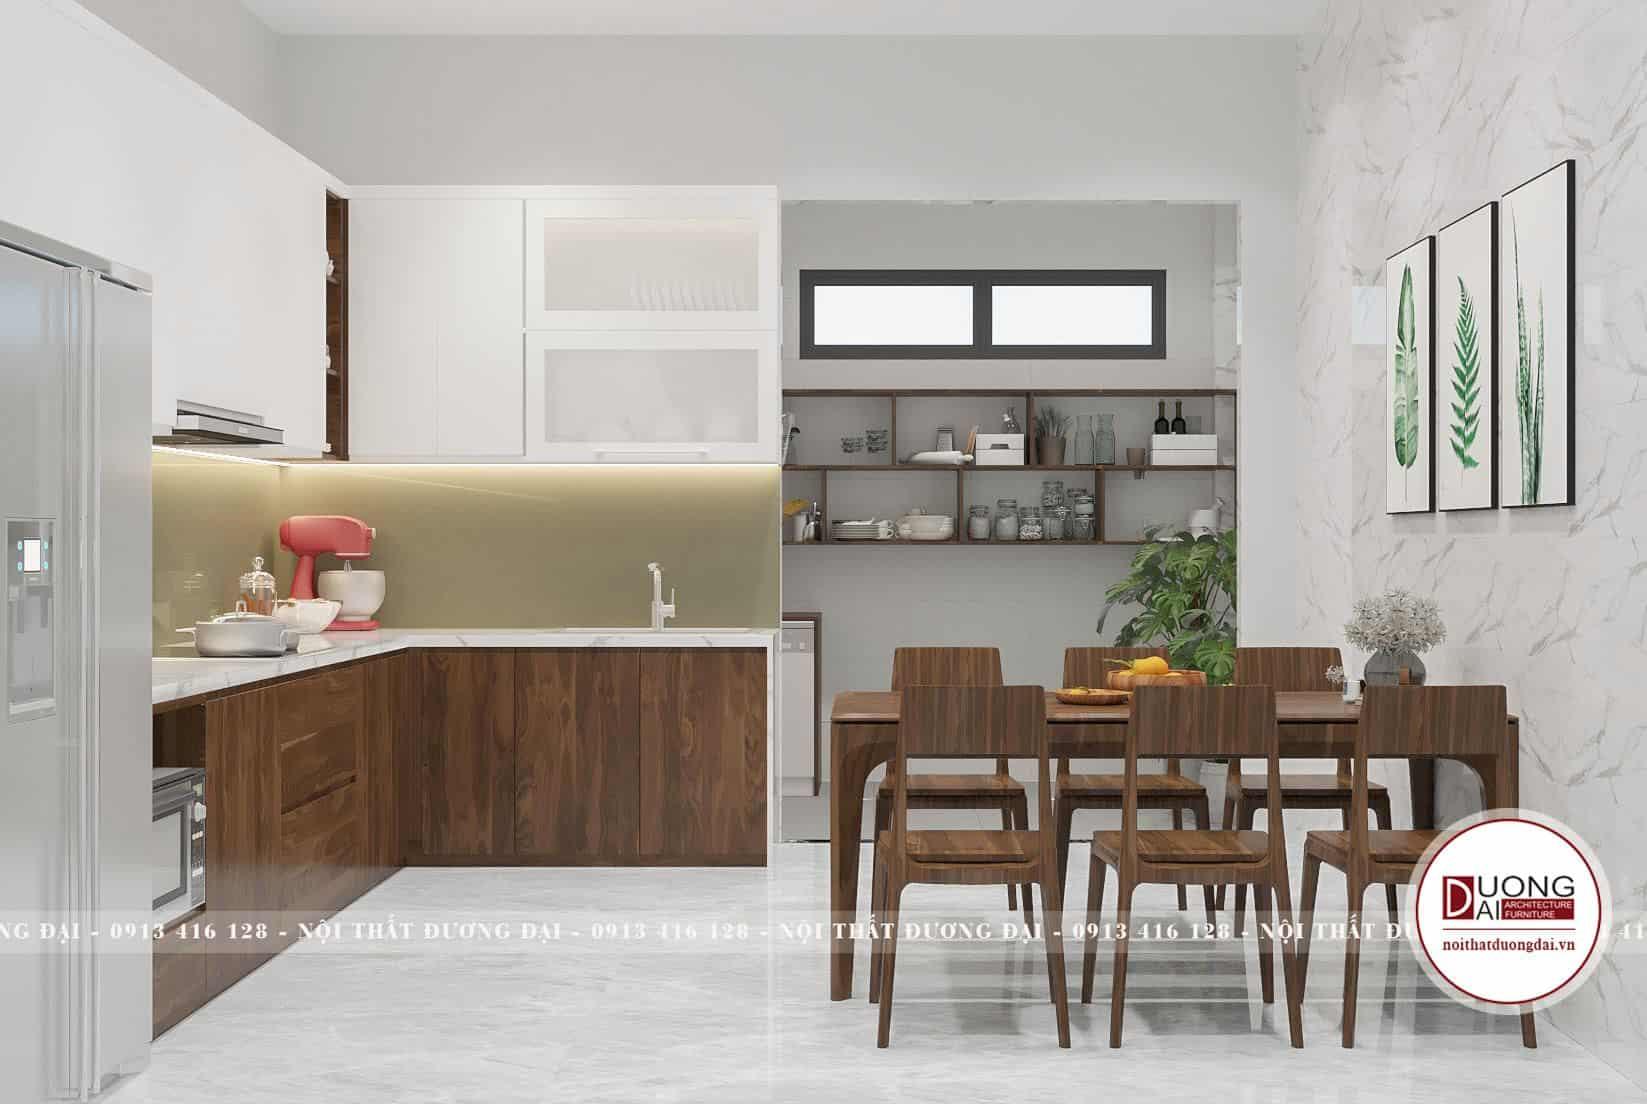 Tủ bếp và bàn ăn gỗ tinh tế và sang trọng